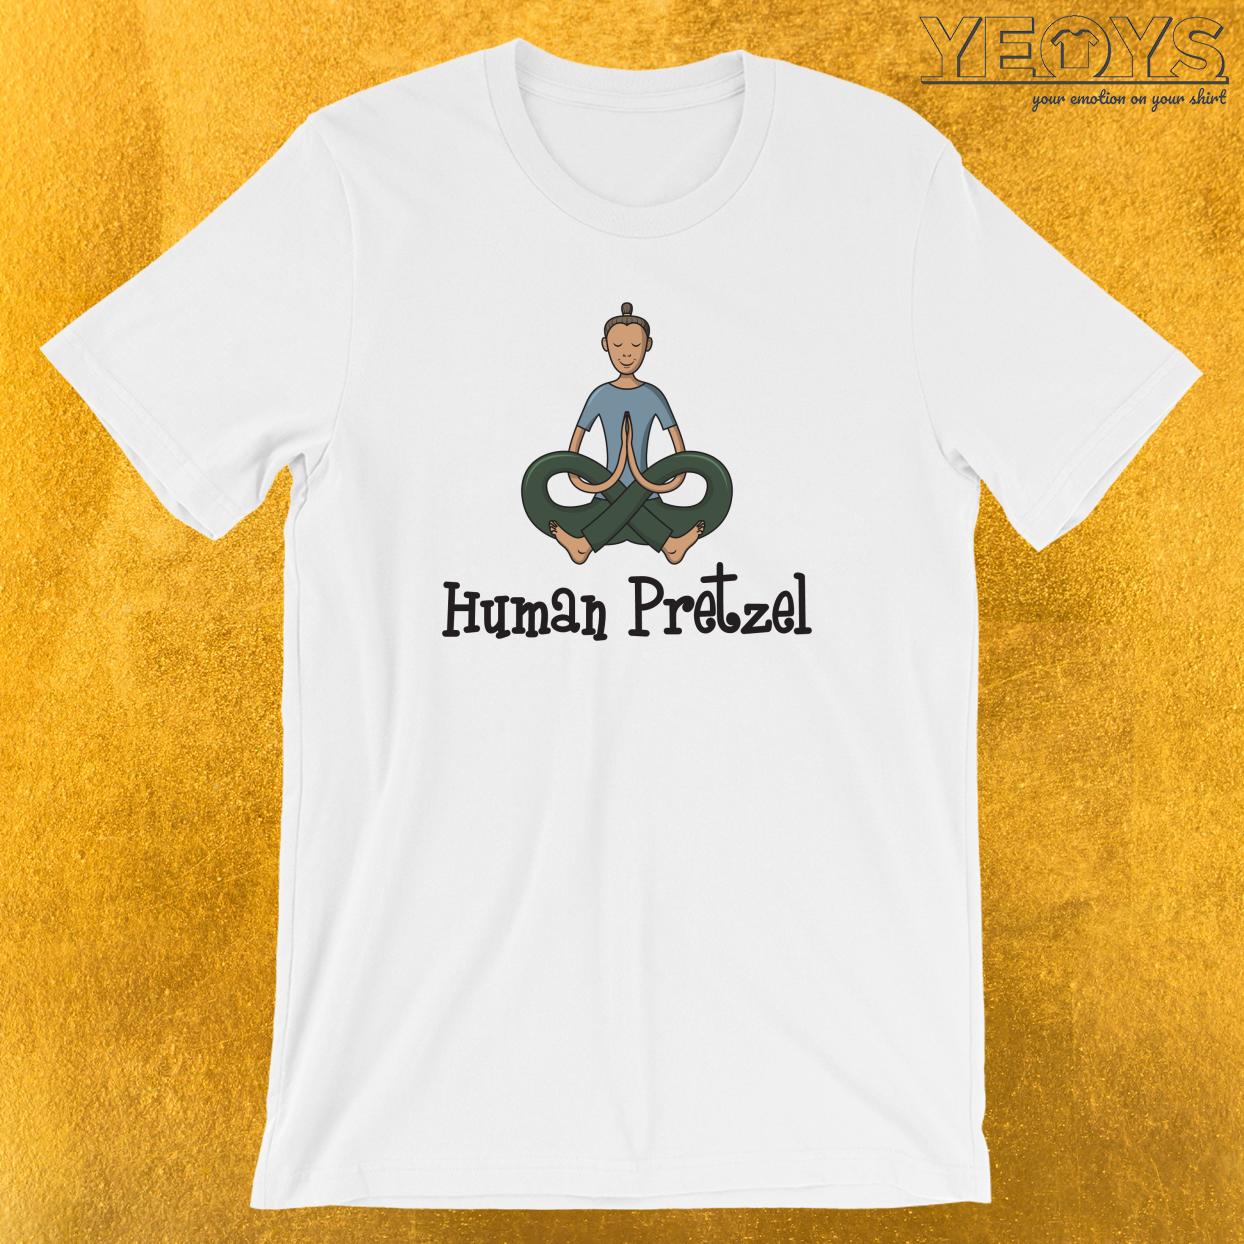 Human Pretzel T-Shirt